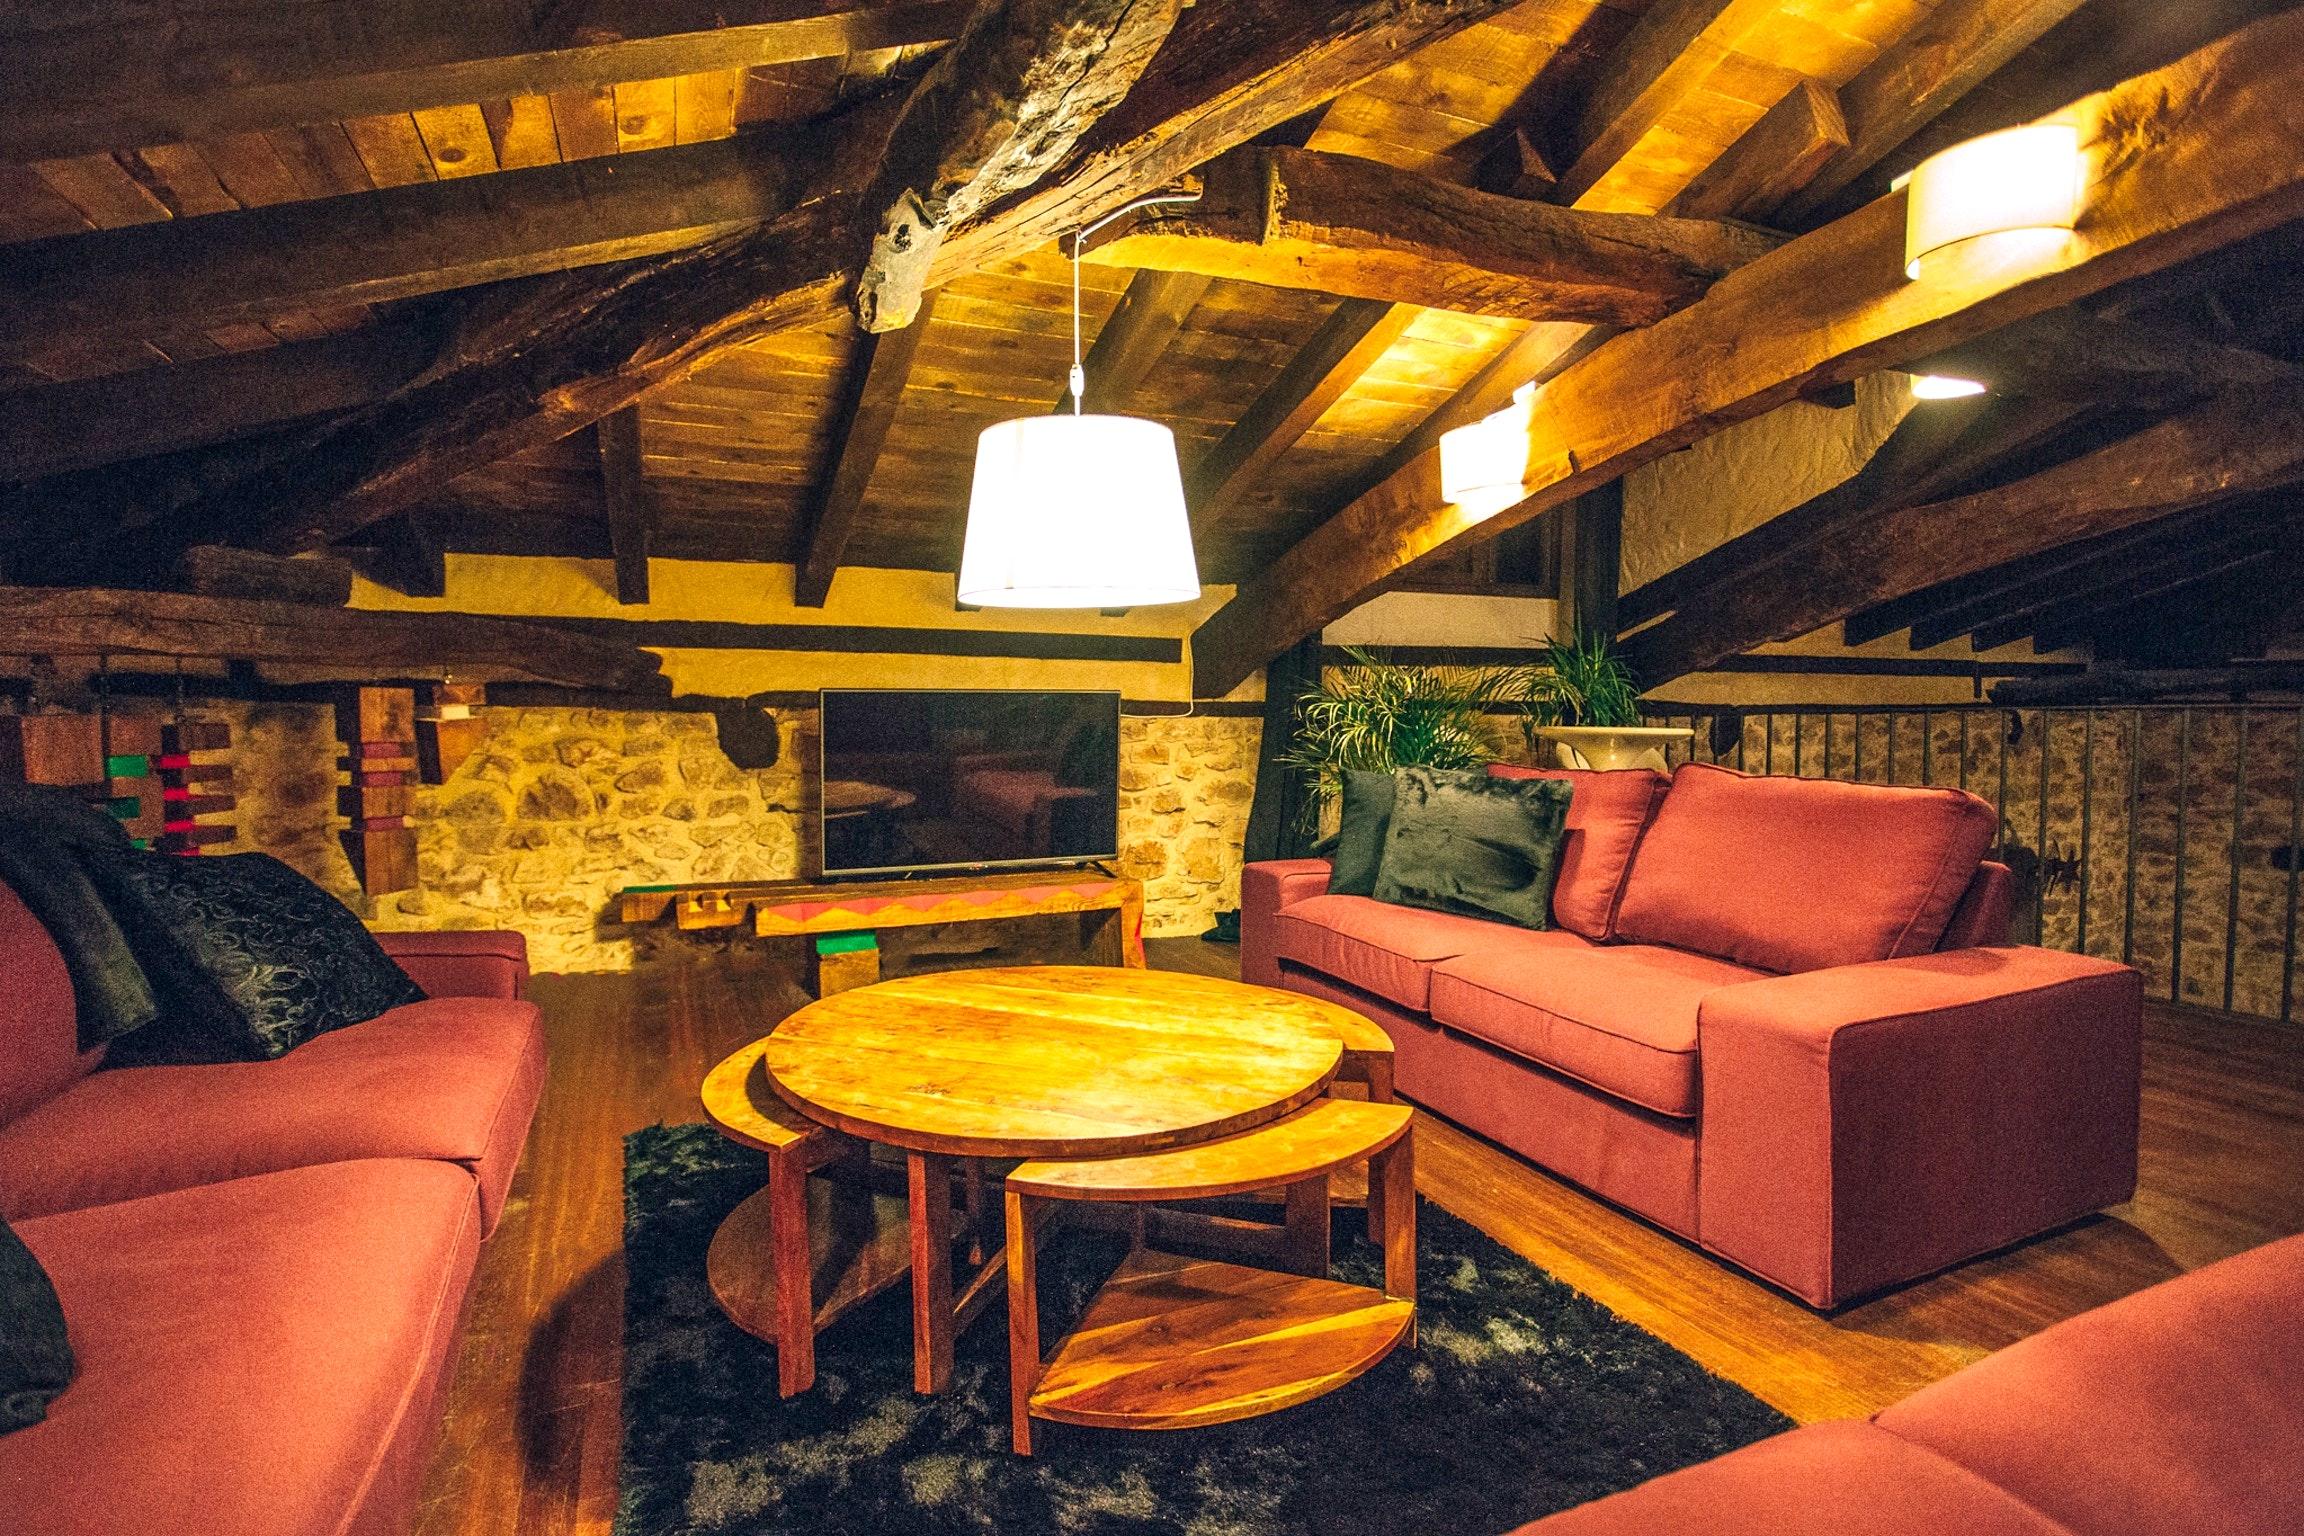 Ferienhaus Haus mit 5 Zimmern in Fuenteodra mit toller Aussicht auf die Berge, eingezäuntem Garten un (2211142), Fuenteodra, Burgos, Kastilien-León, Spanien, Bild 8